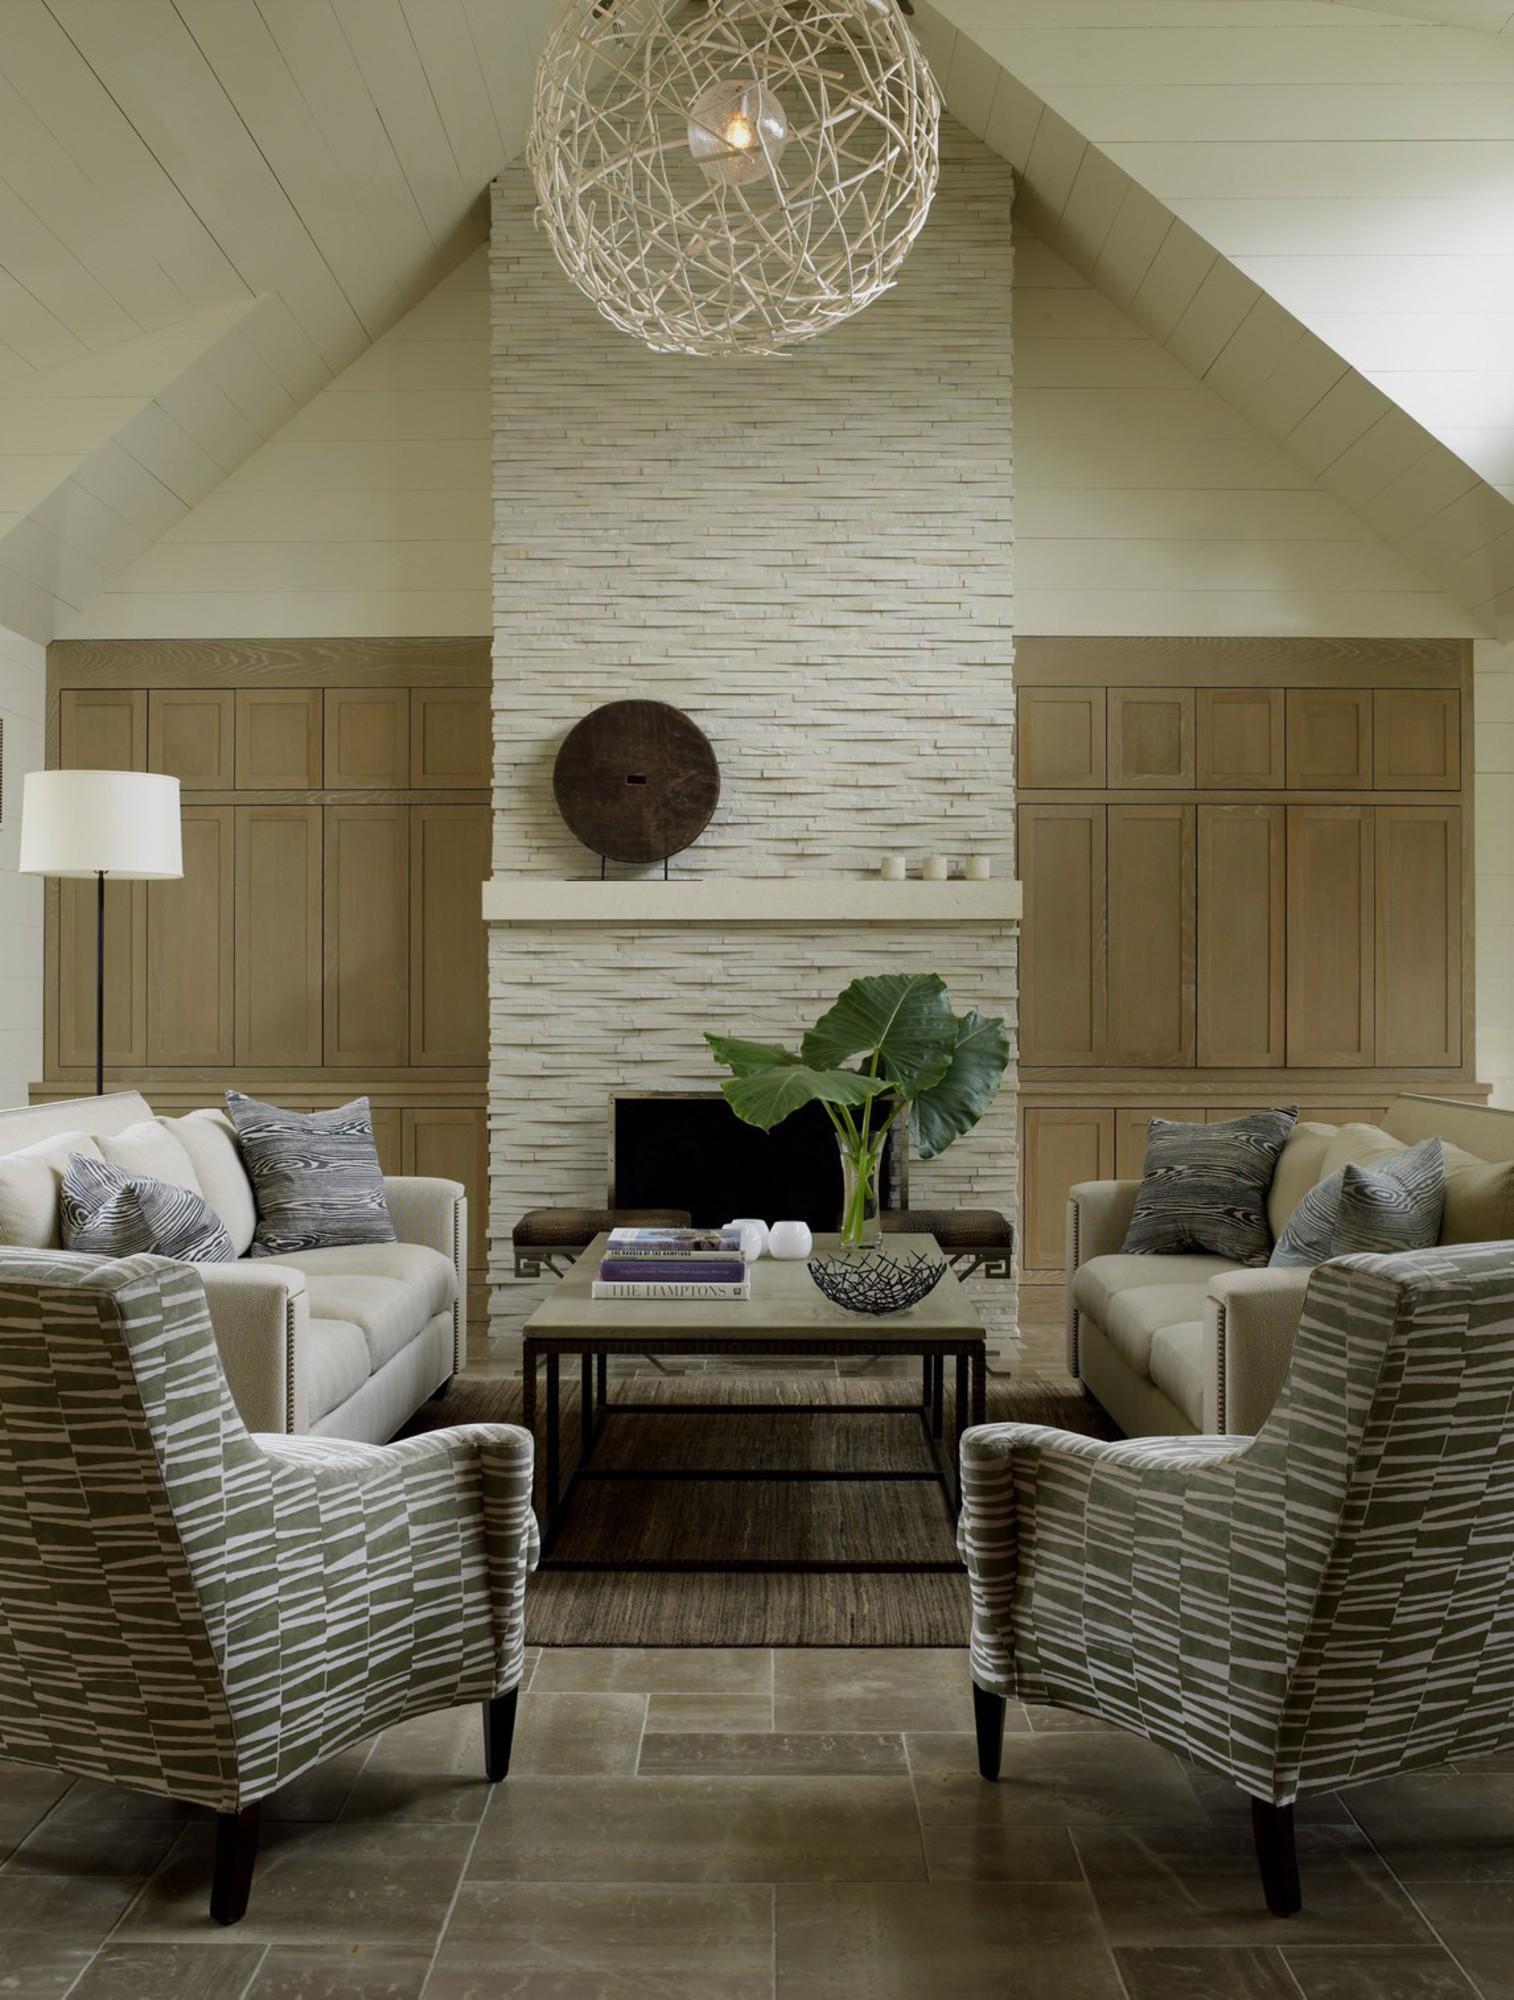 East hampton home design marshall watson interiors - Marshall home decor design ...